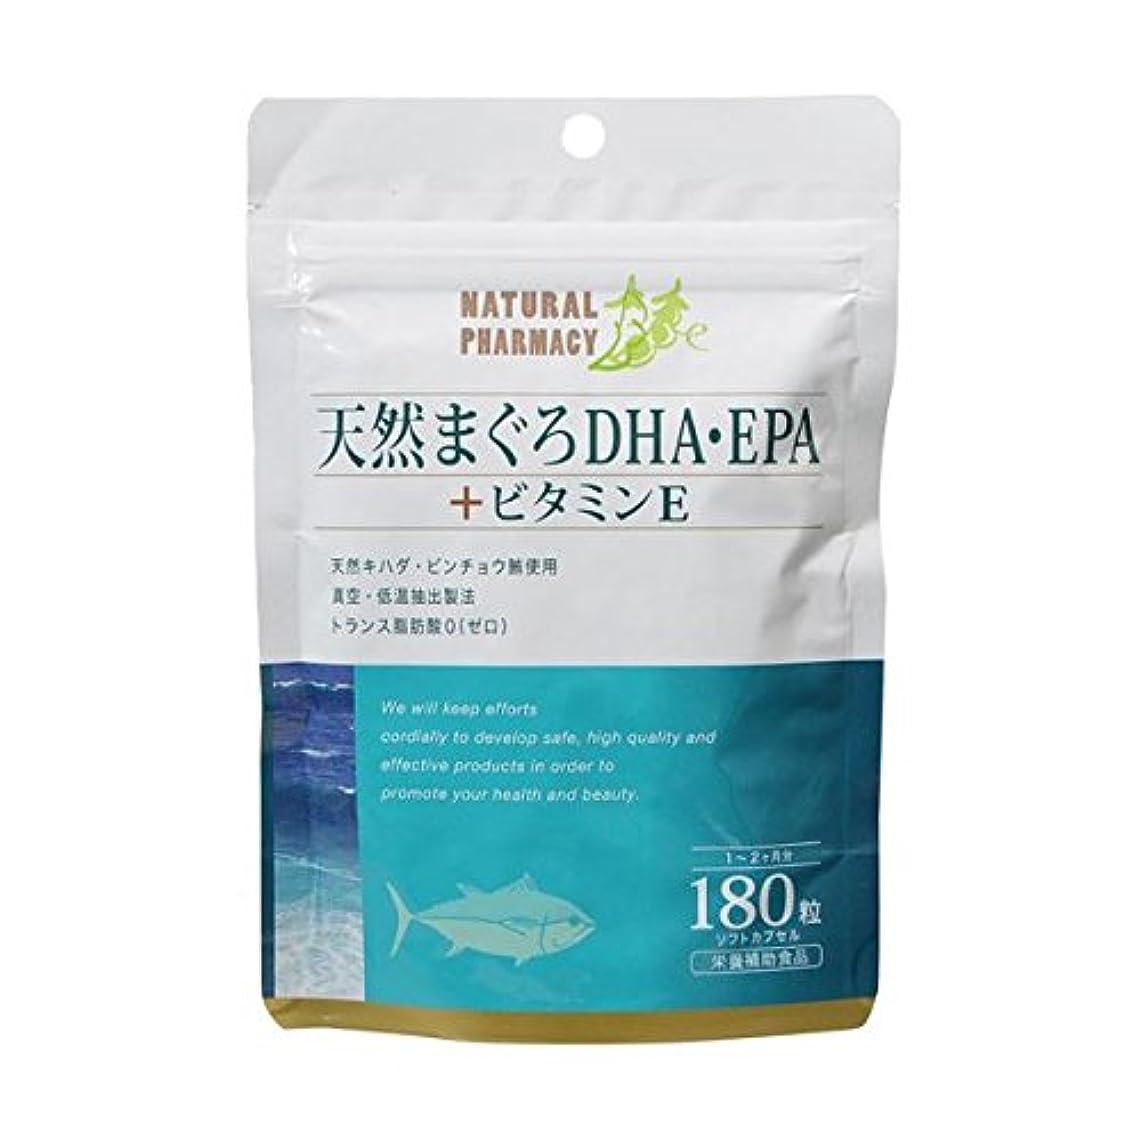 天然まぐろDHA?EPA+ビタミンE 180粒 ×2個セット【すみや】